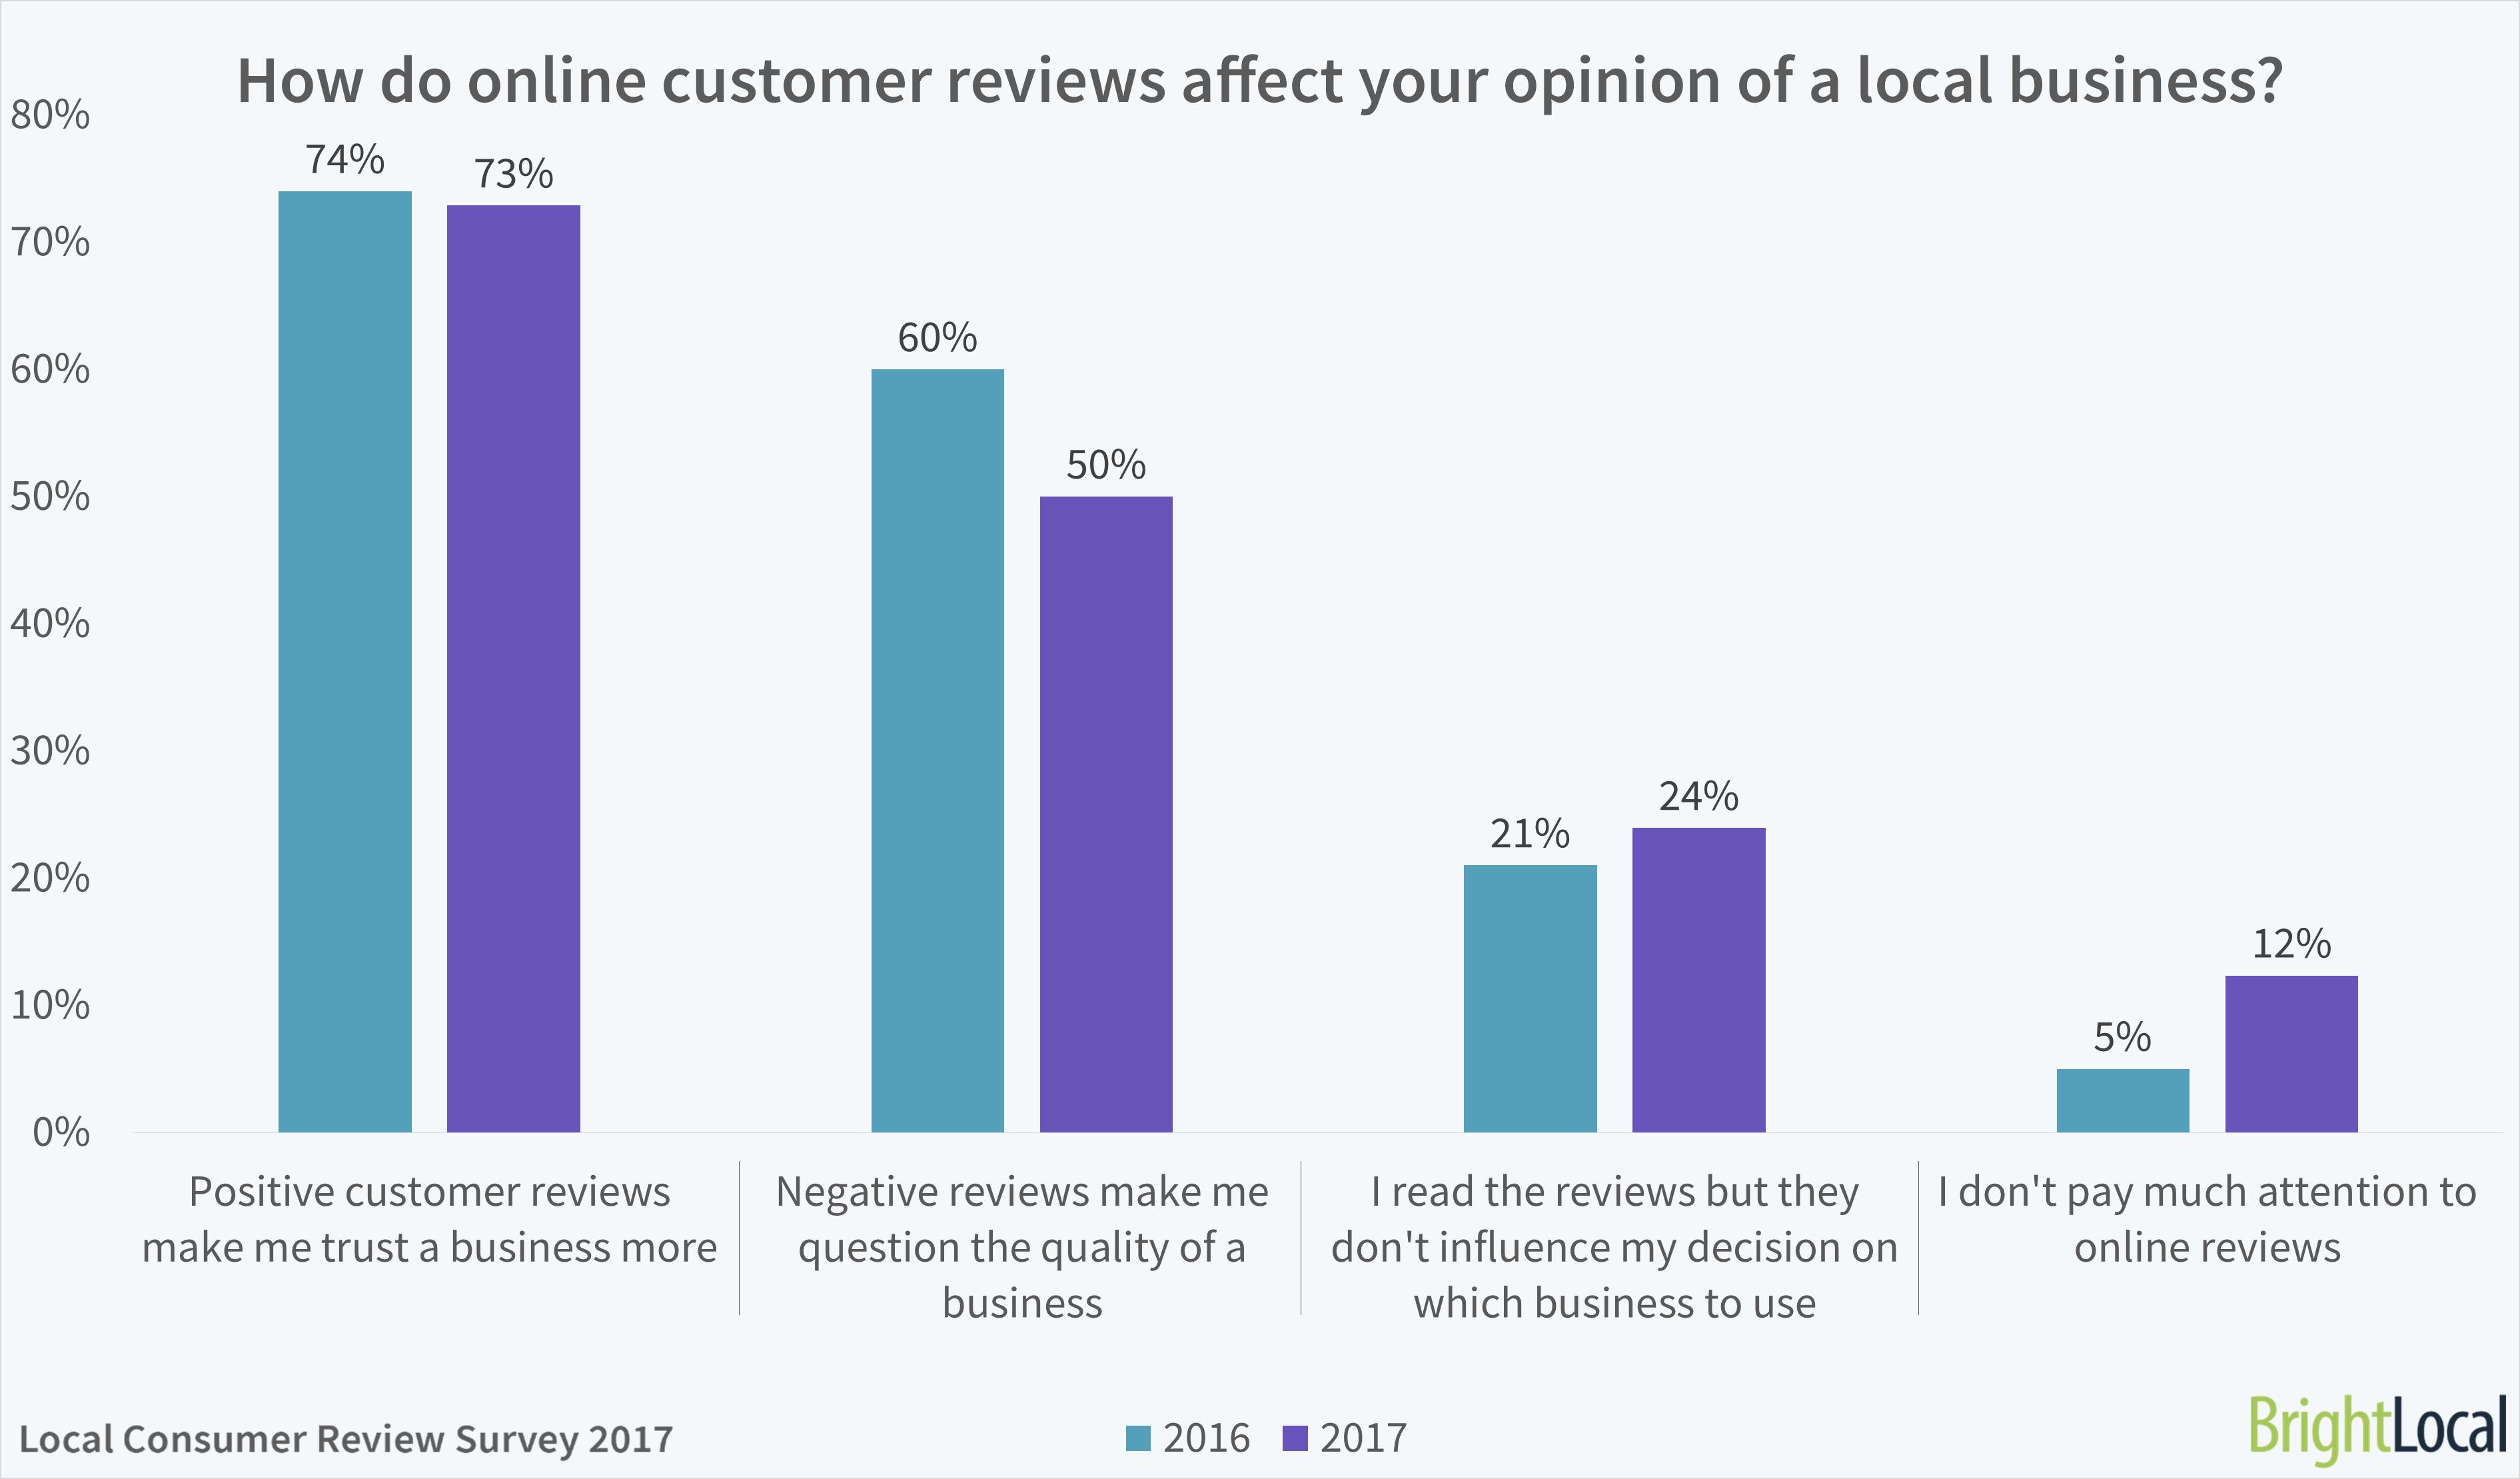 customer reviews, be visible, betsy kent, brightlocal